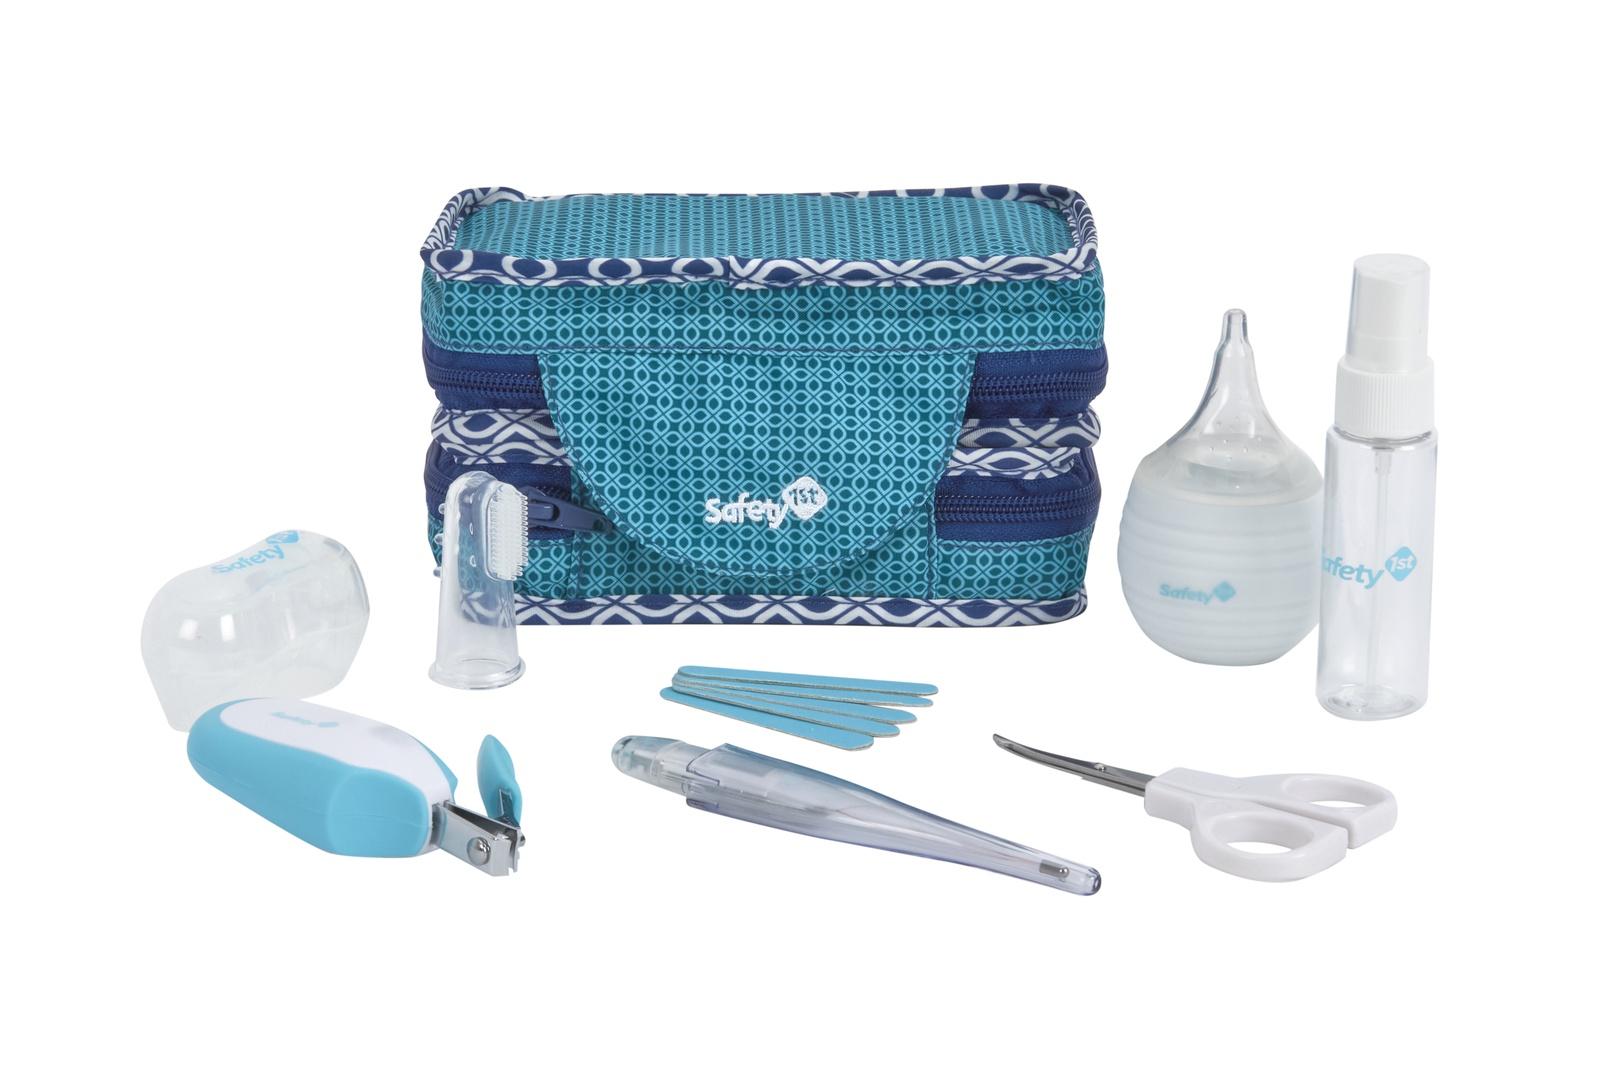 Набор маникюрных инструментов Safety 1st Аксессуары по уходу за малышом в футляре (9 предметов) 3106003000